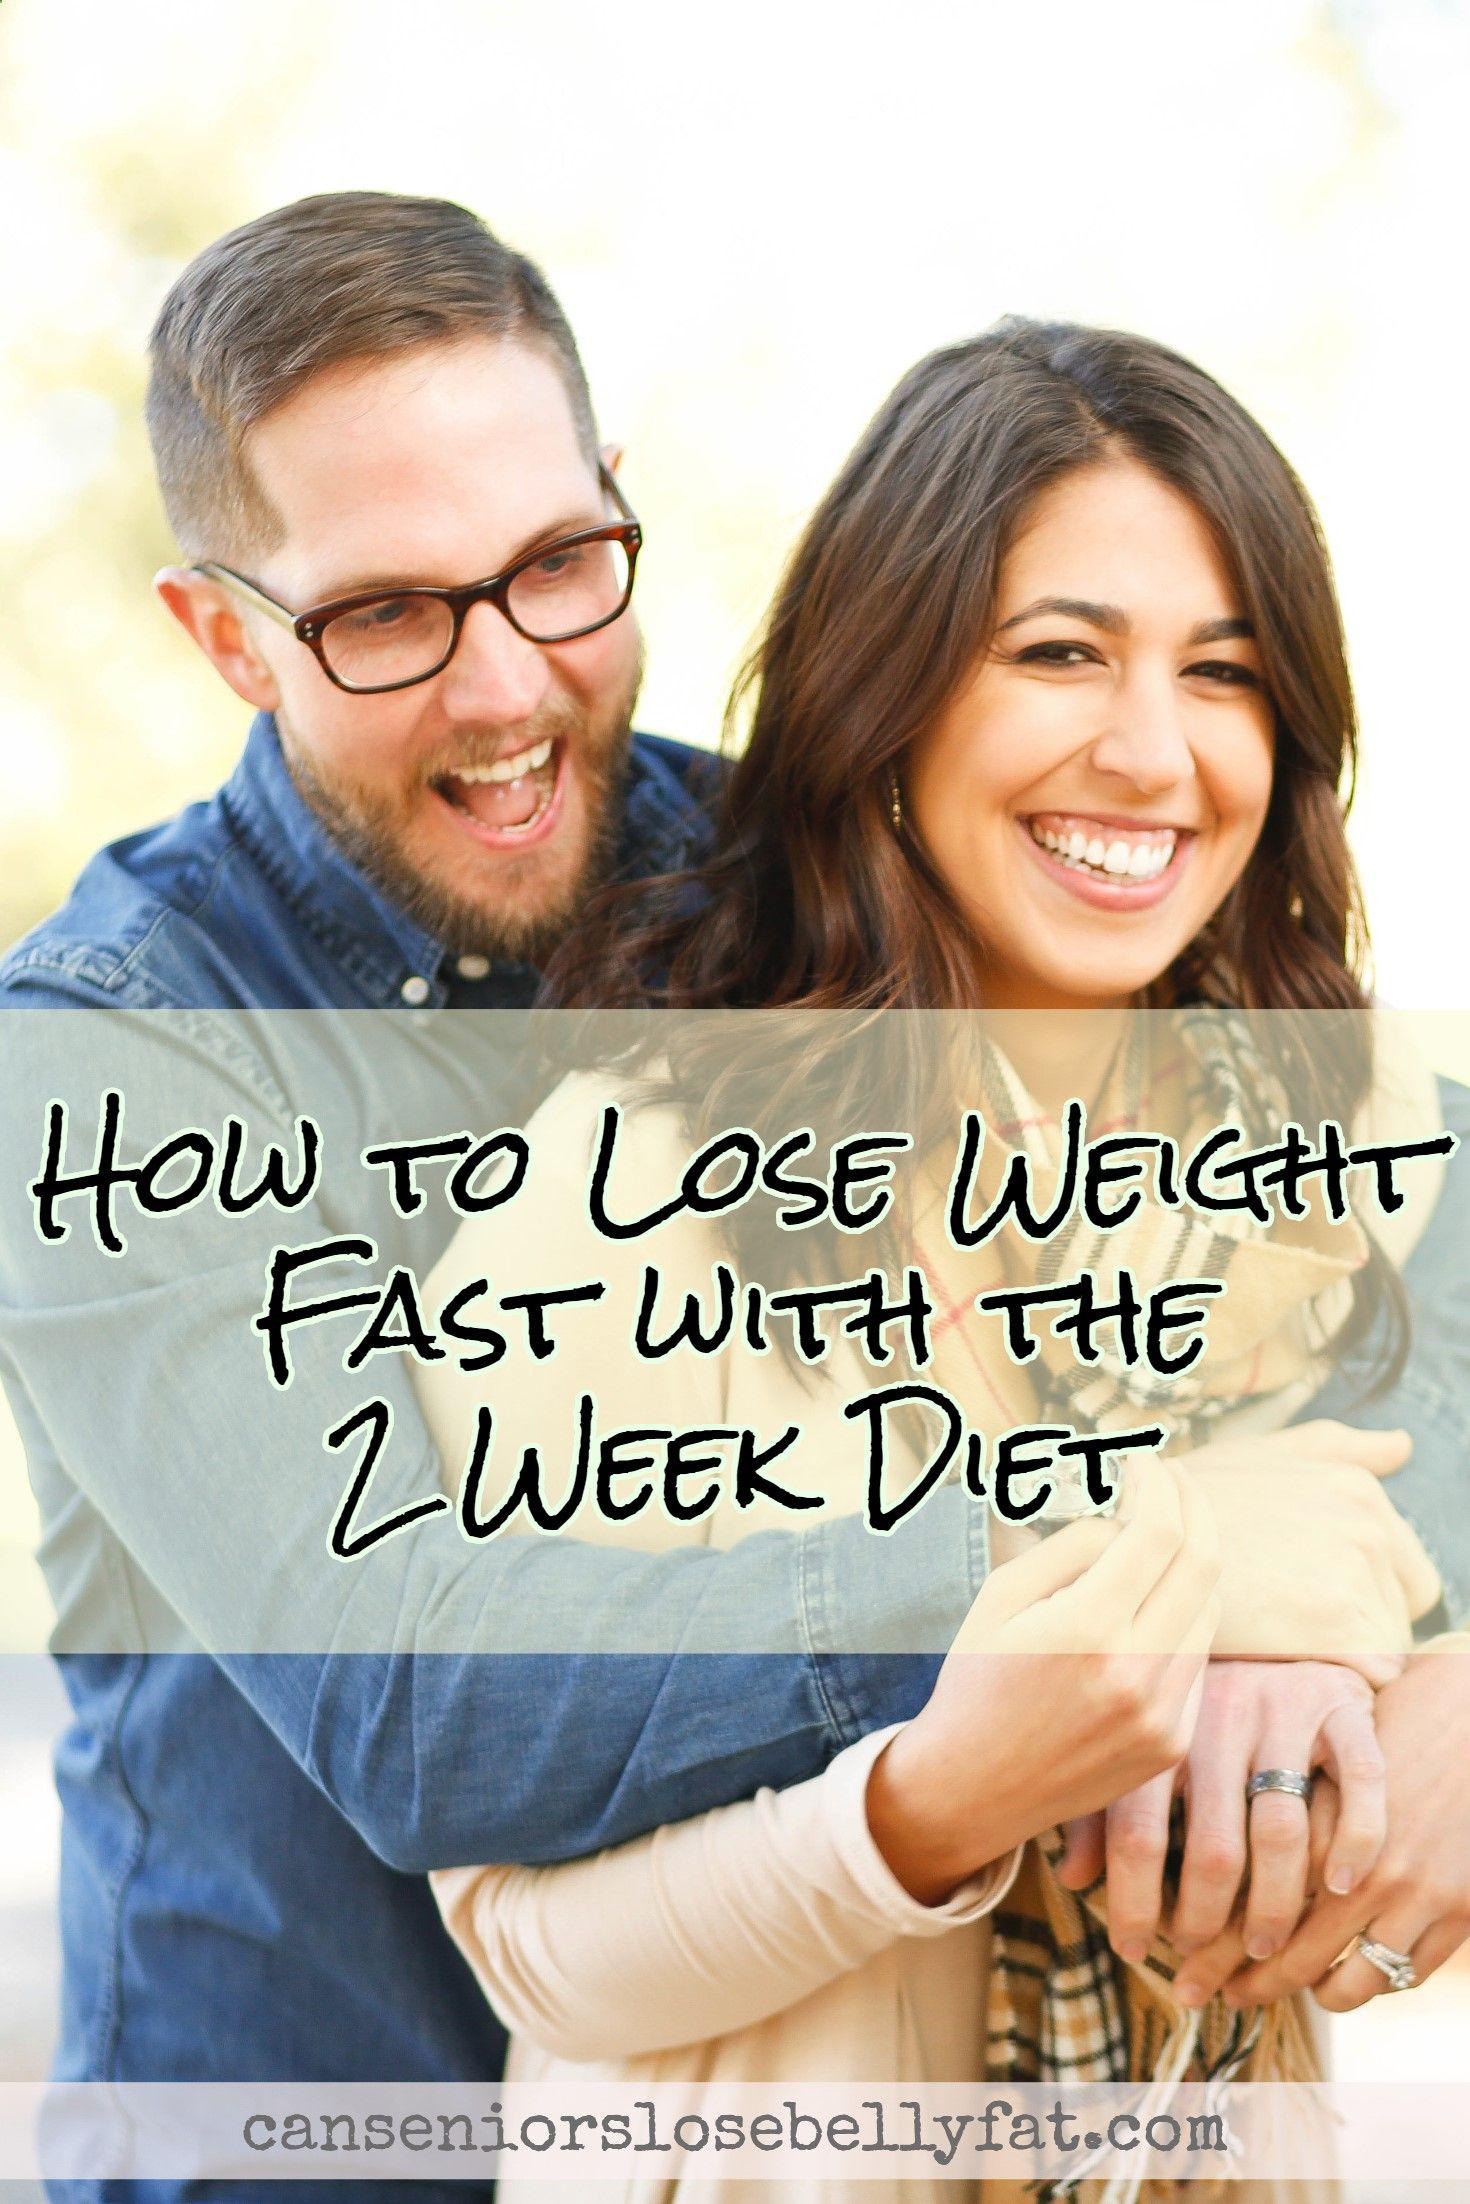 2 week diet plan 2 week diet plan how to lose weight fast with 2 week diet plan 2 week diet plan how to lose weight fast with ccuart Choice Image